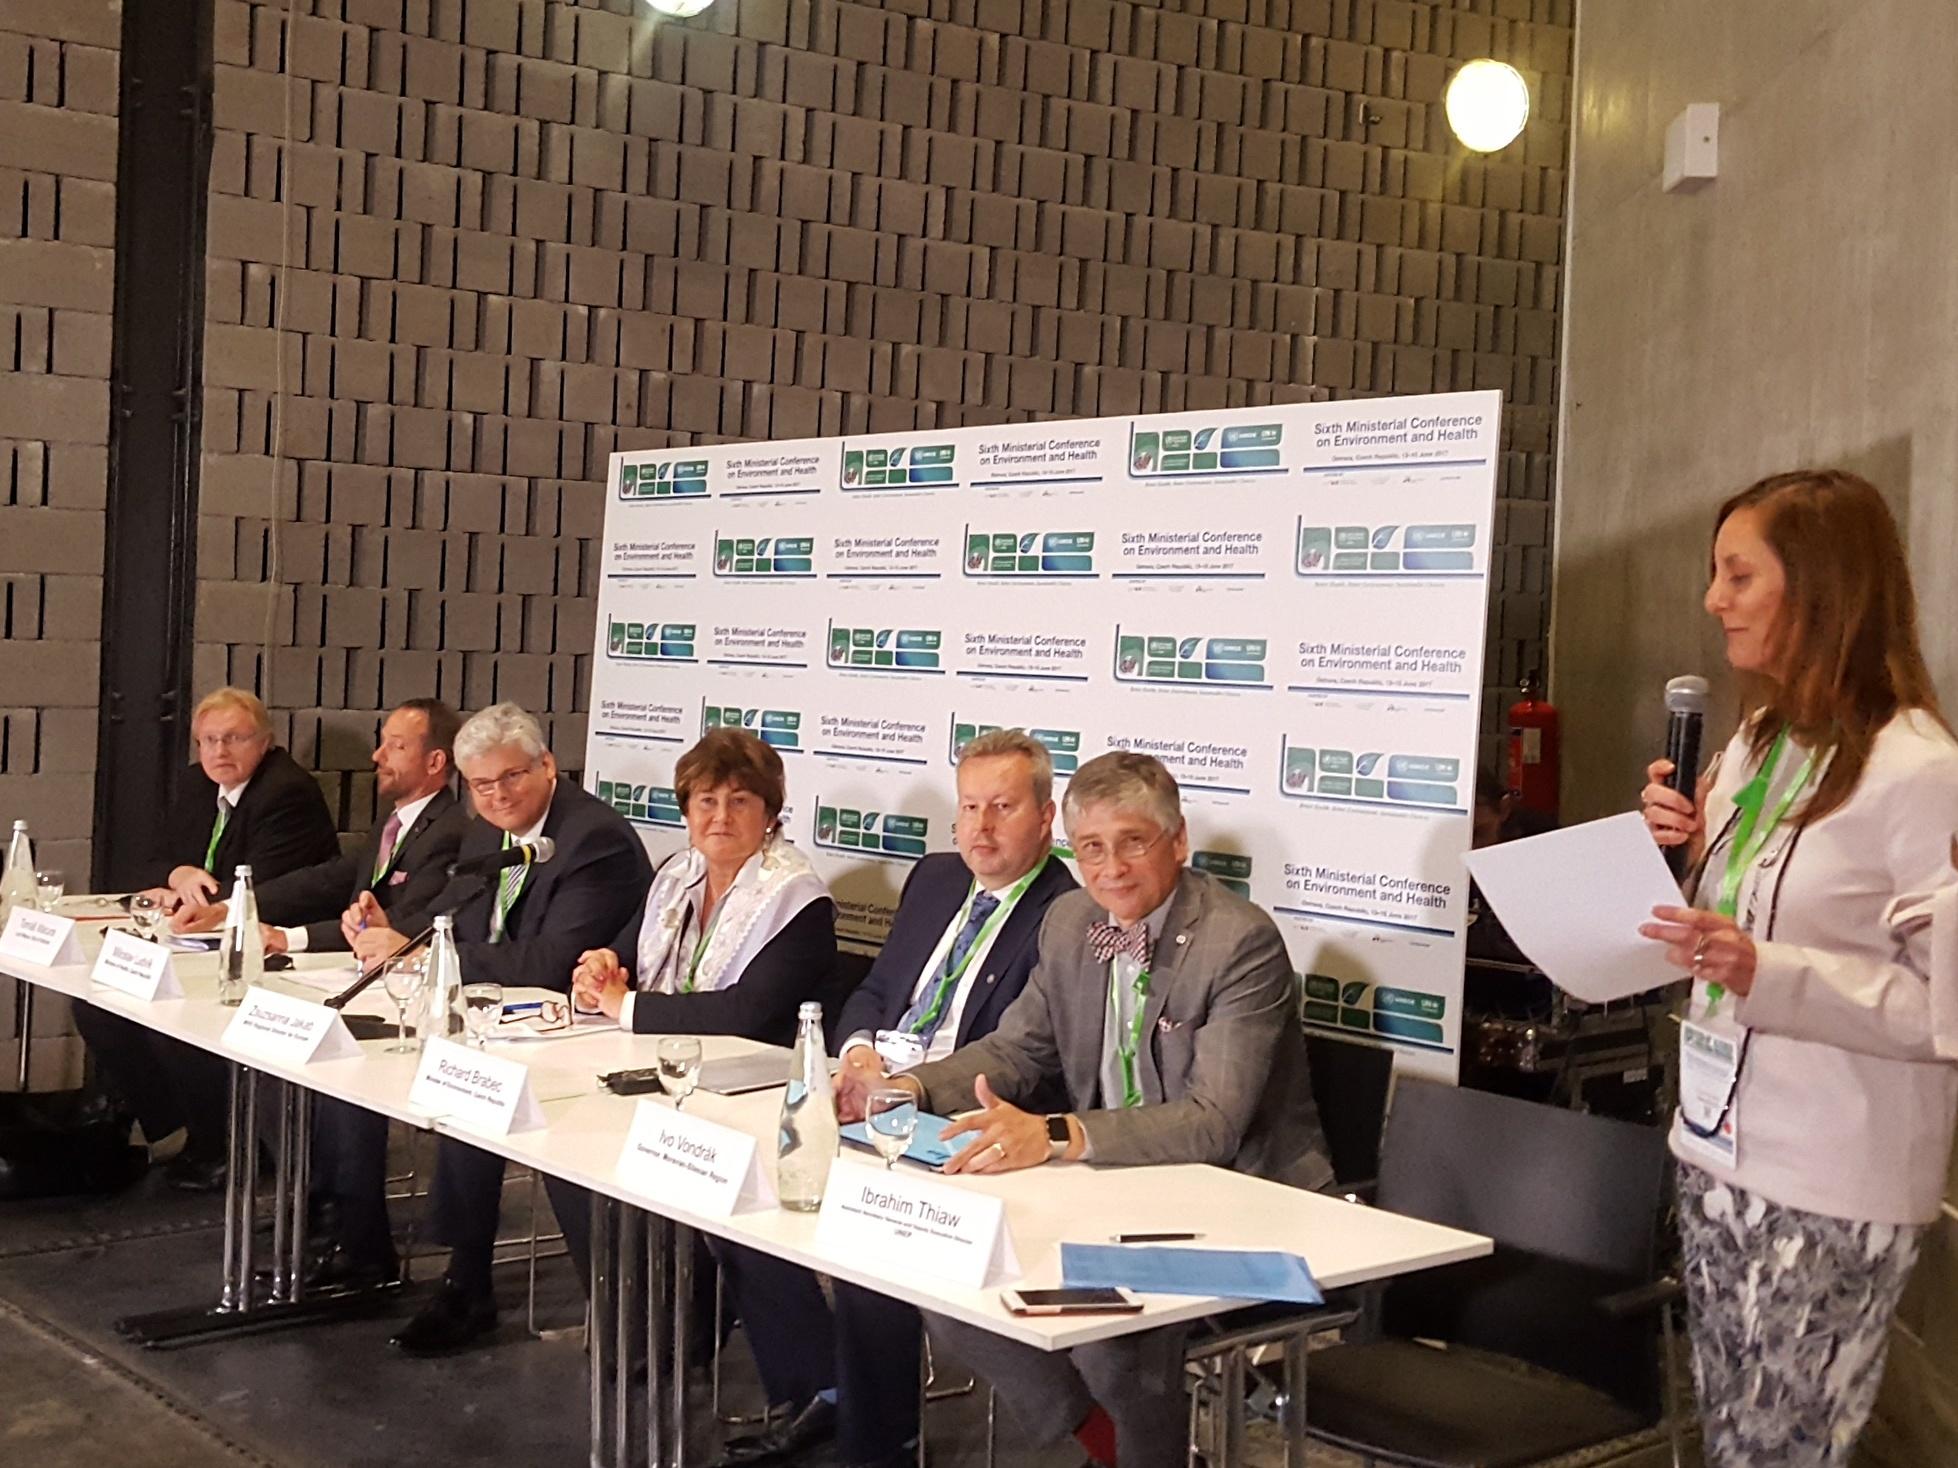 Organizace spojených národů tlačí na Evropu, aby jednala kvůli 1,4 milionu zemřelých v důsledku znečištěného životního prostředí